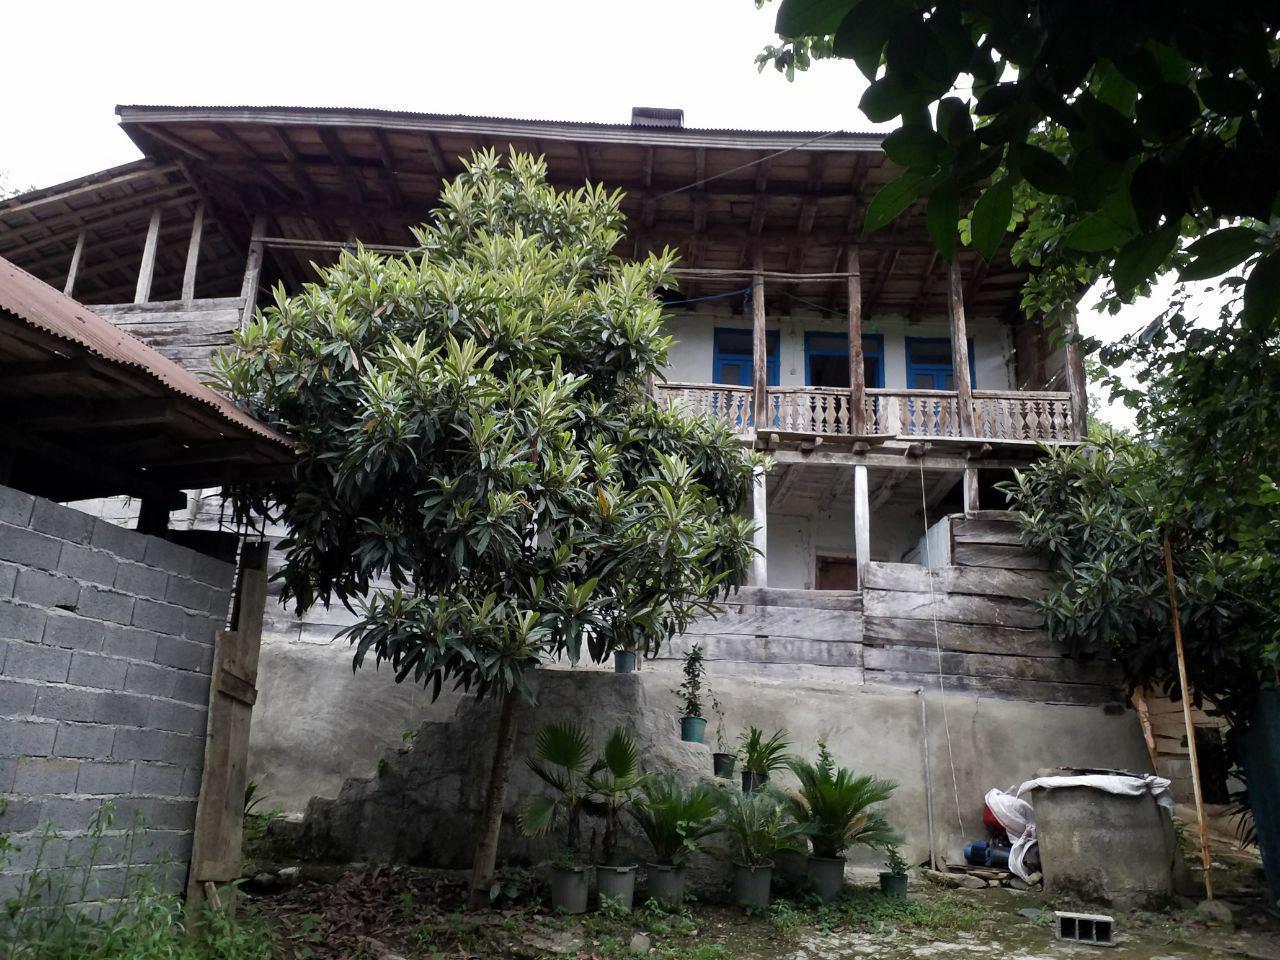 خرید خانه سنتی روستایی در اطاقور